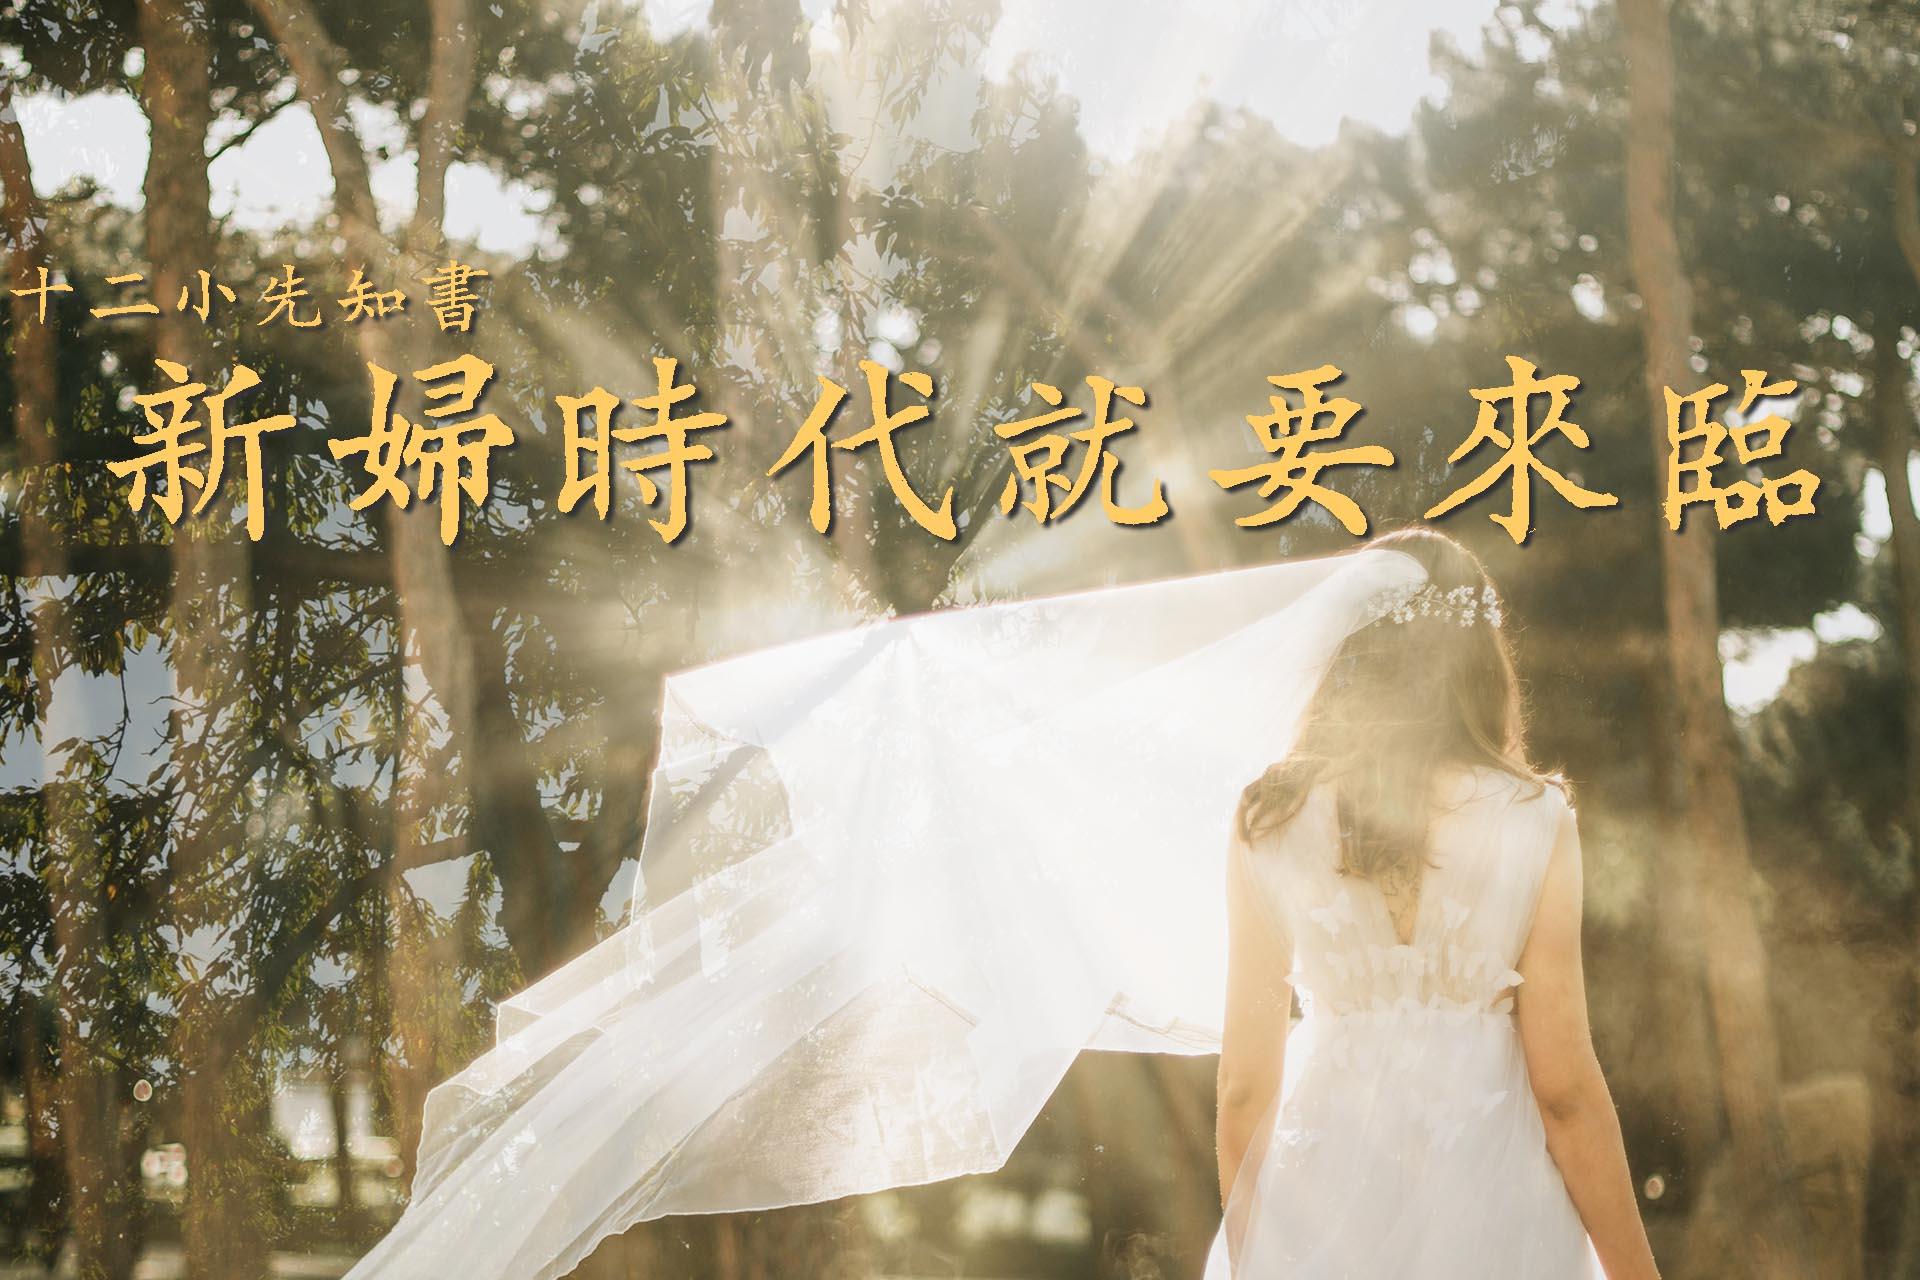 [聖經]十二小先知書(一):新婦時代就要來臨